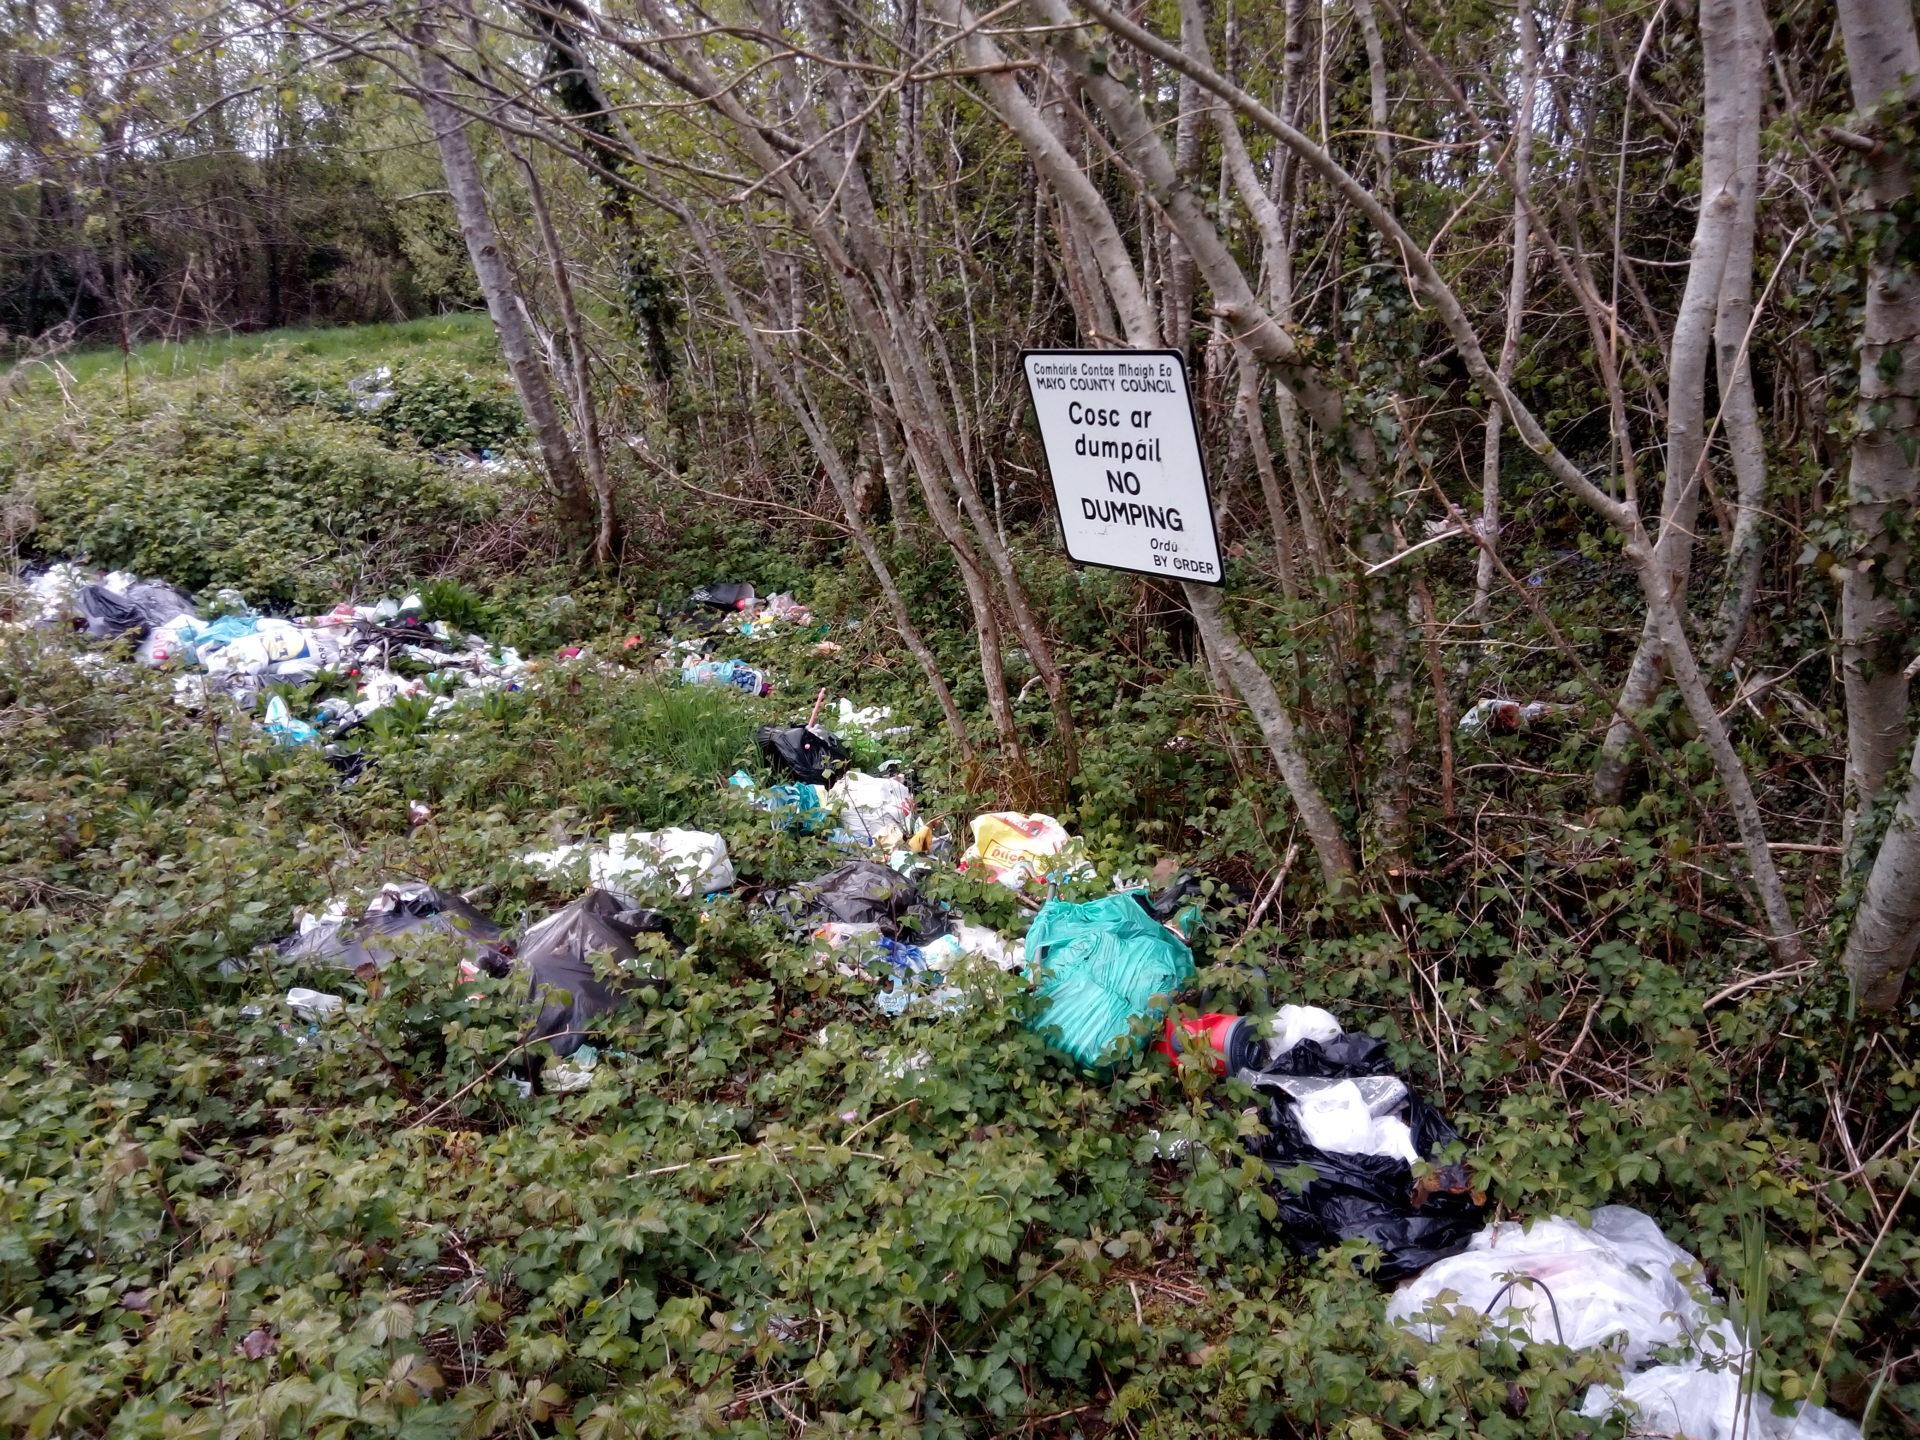 Illegal dumping at Tullysleva Ballina